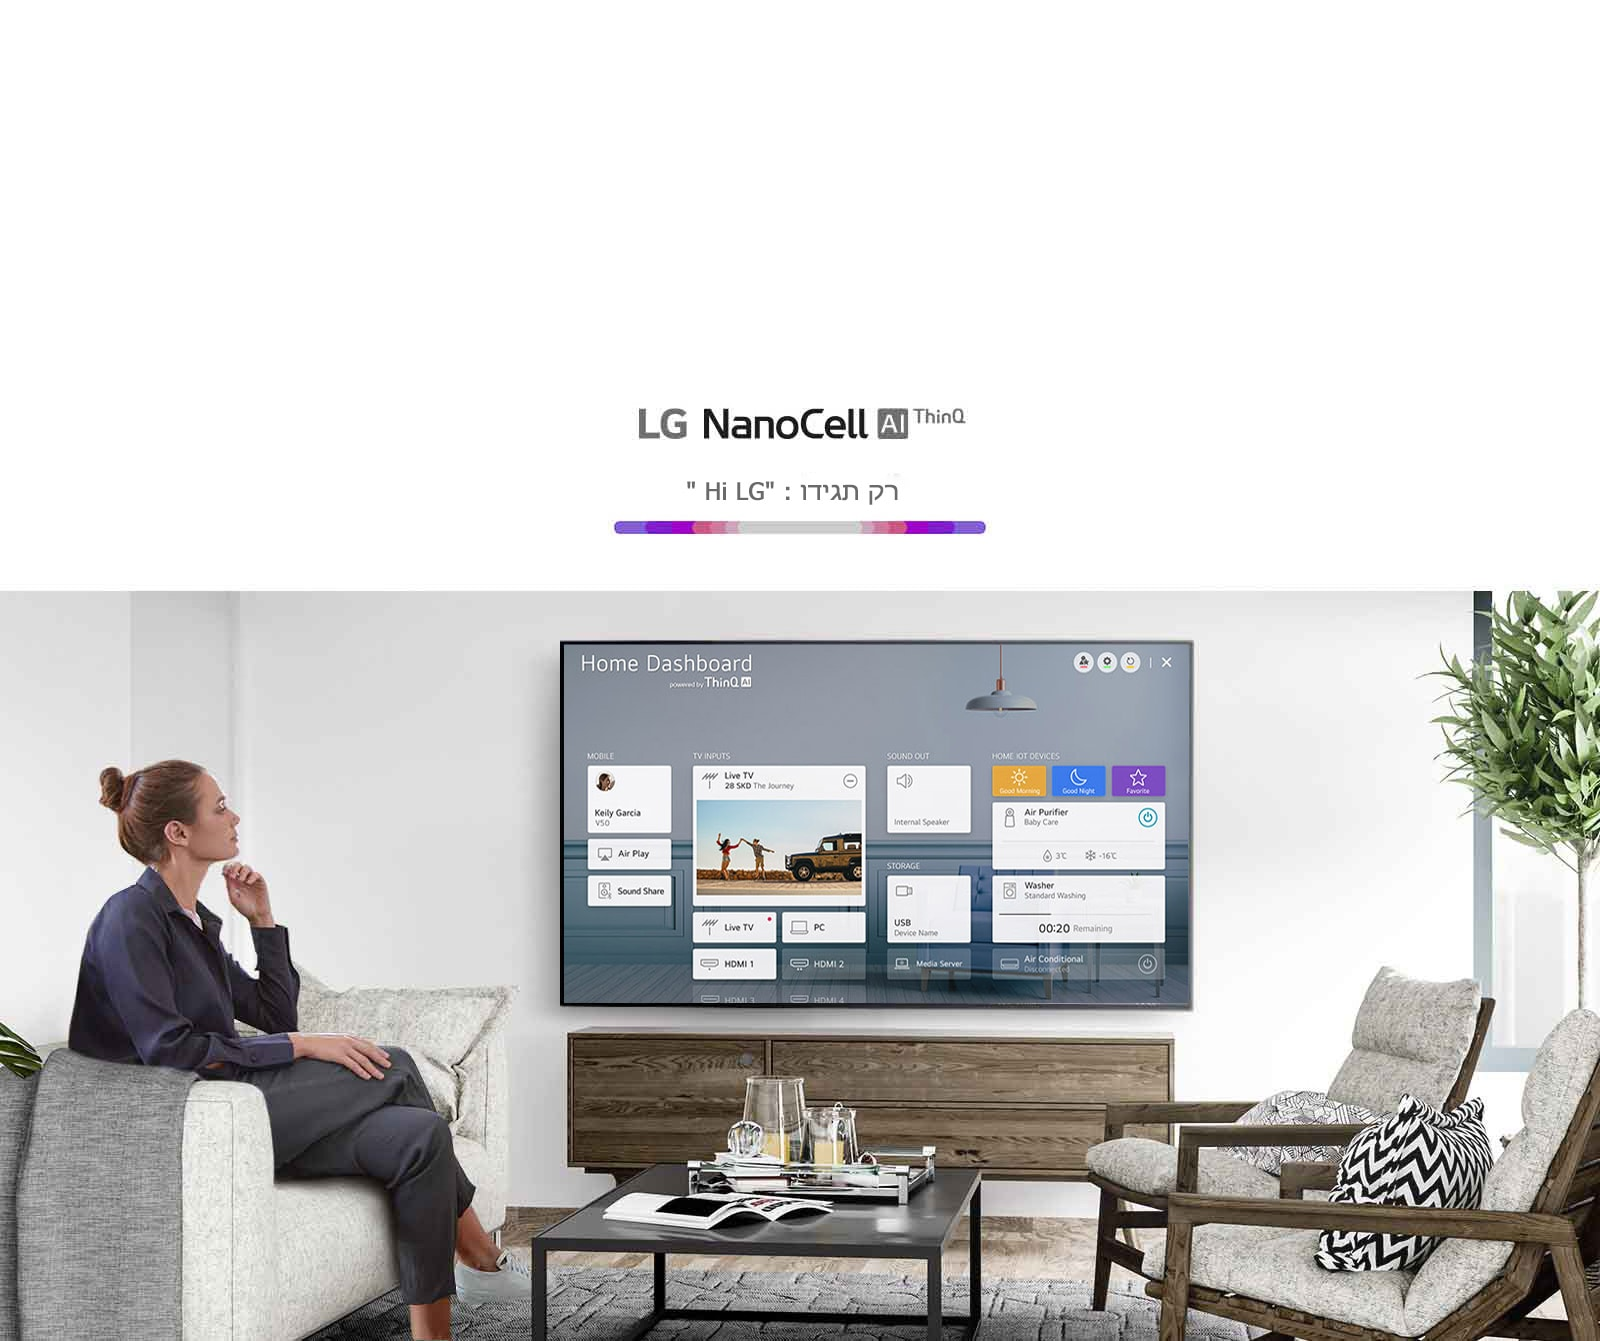 אשה יושבת על ספה בסלון כשעל מסך הטלוויזיה נראה לוח המחוונים הביתי